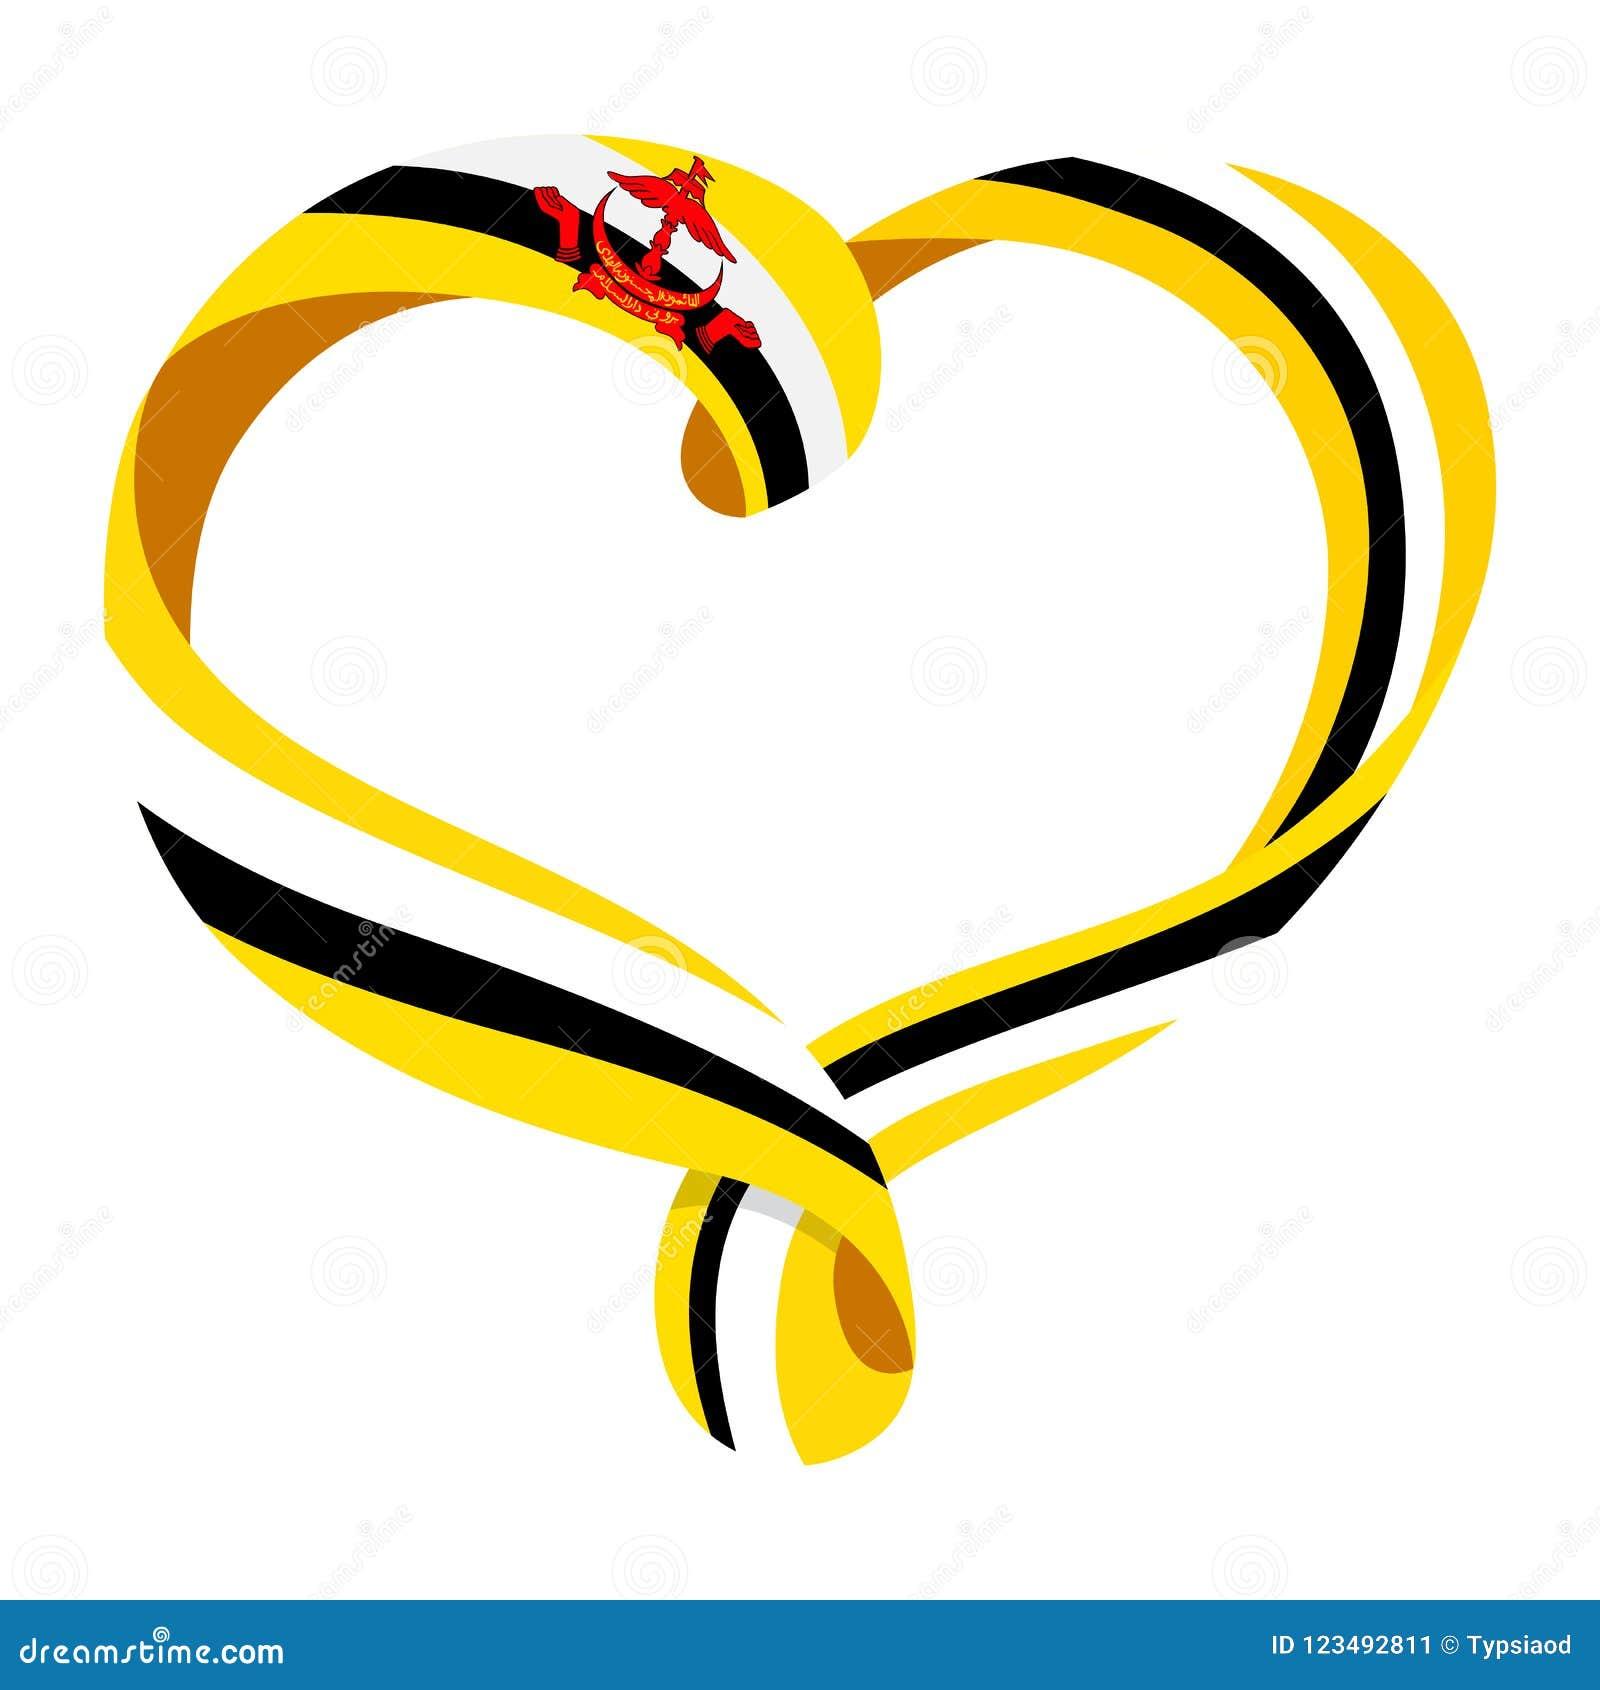 Brunei Flag Ribbon Shaped Heart Stock Vector Illustration Of